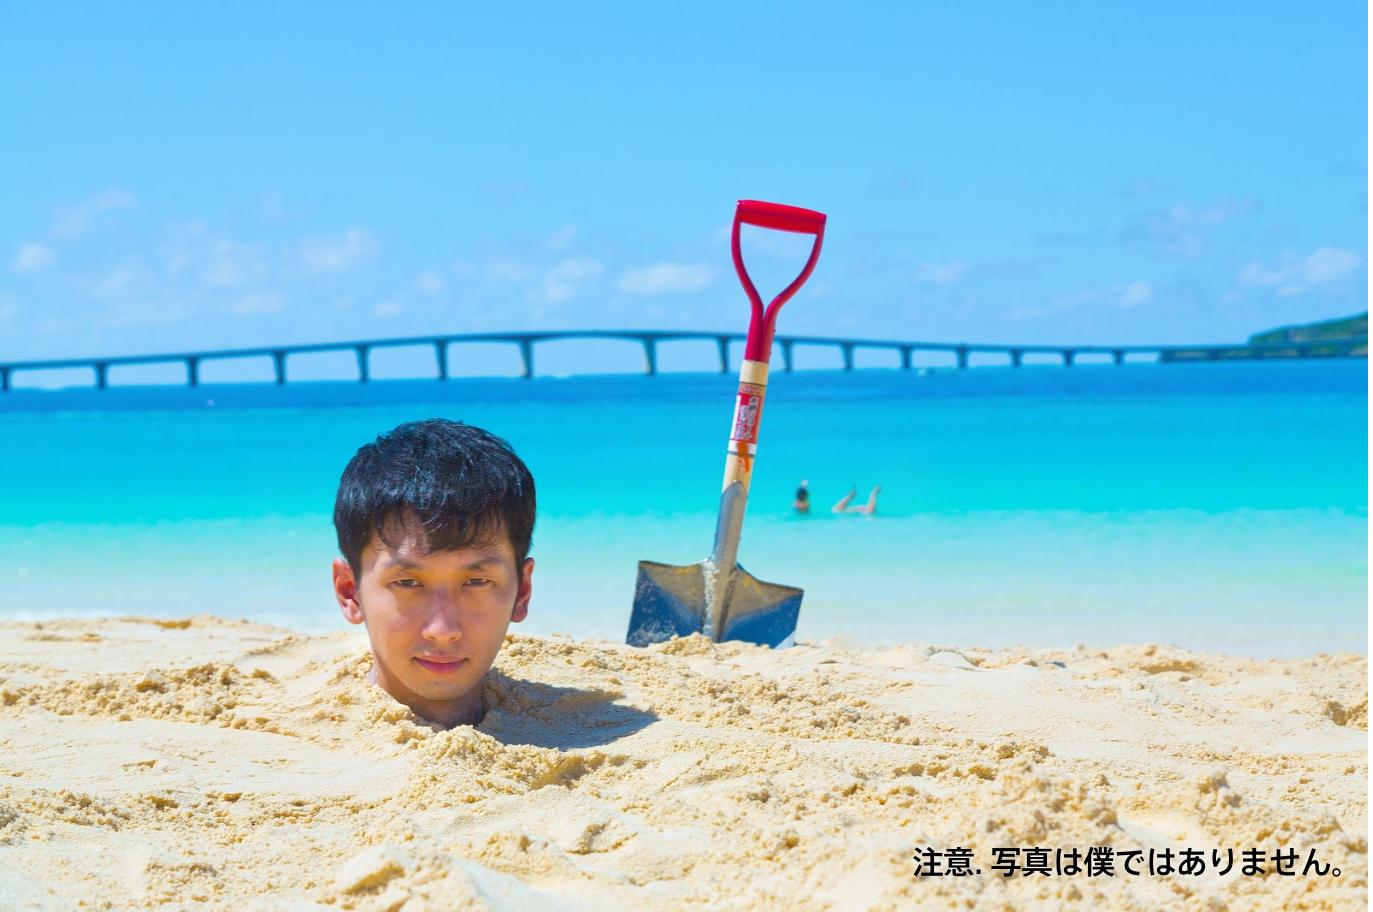 砂浜に埋まりながら